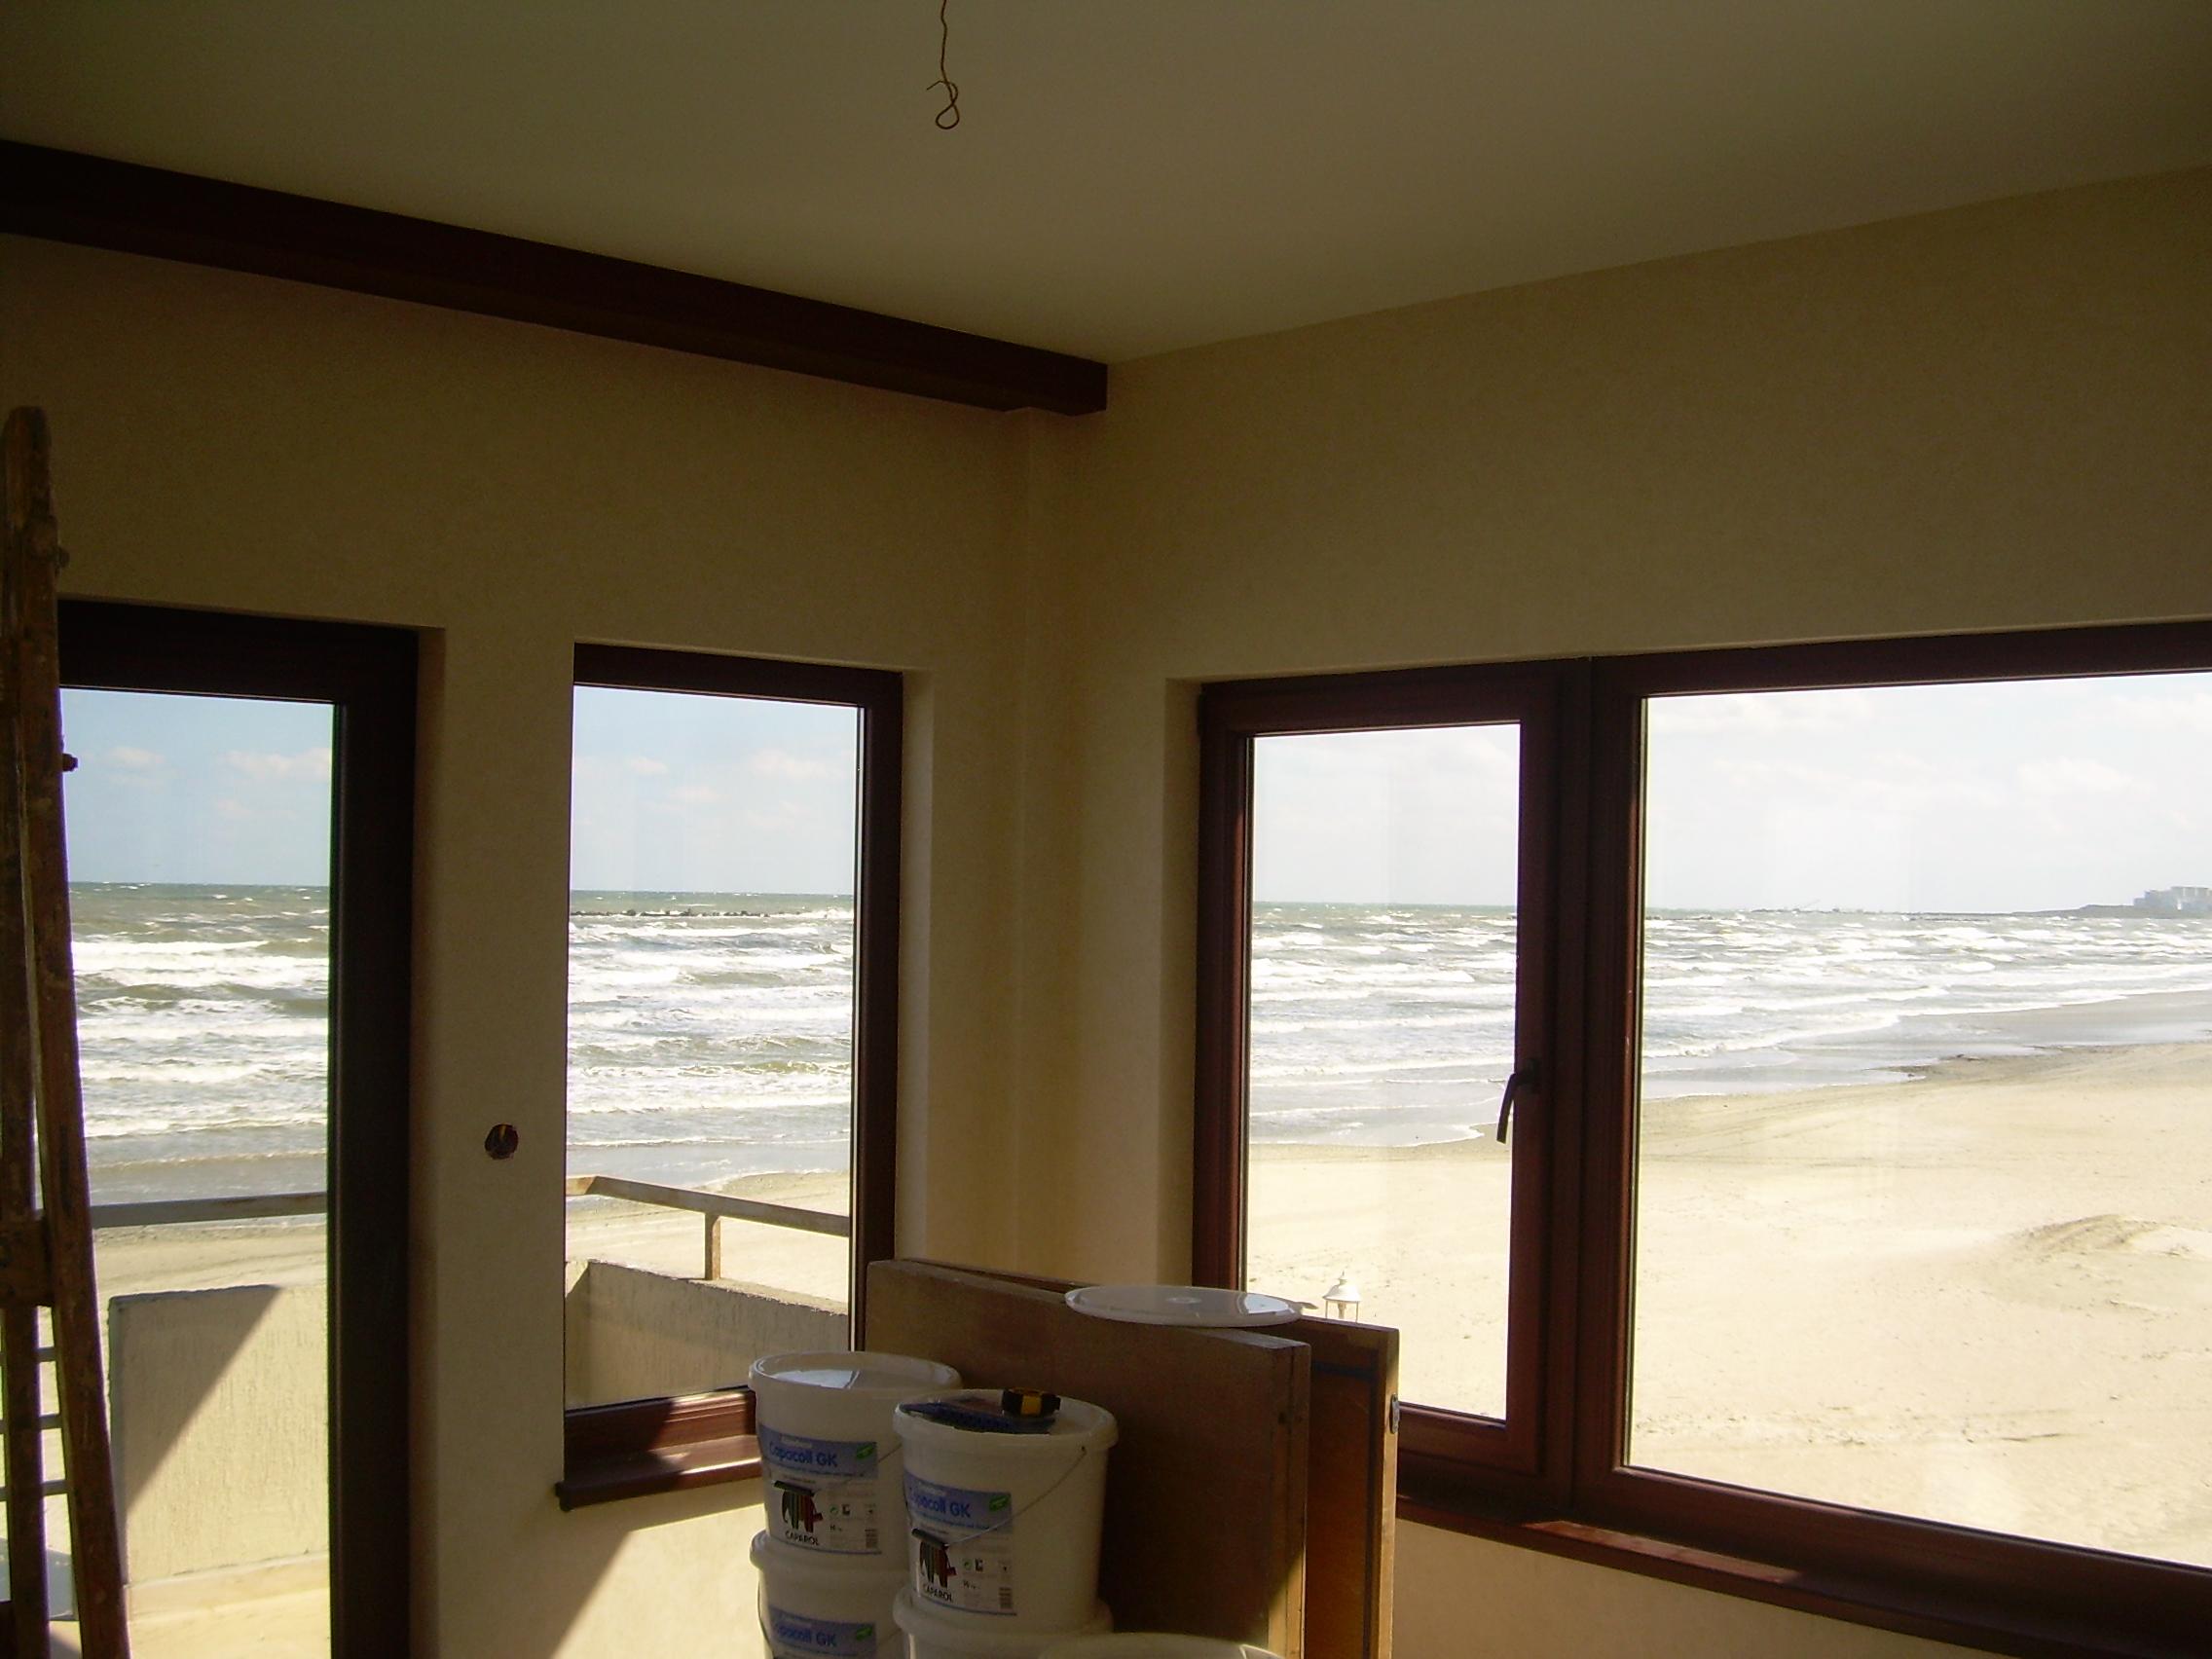 Lucrari de amenajare interioare cu tapet  - Poza 22